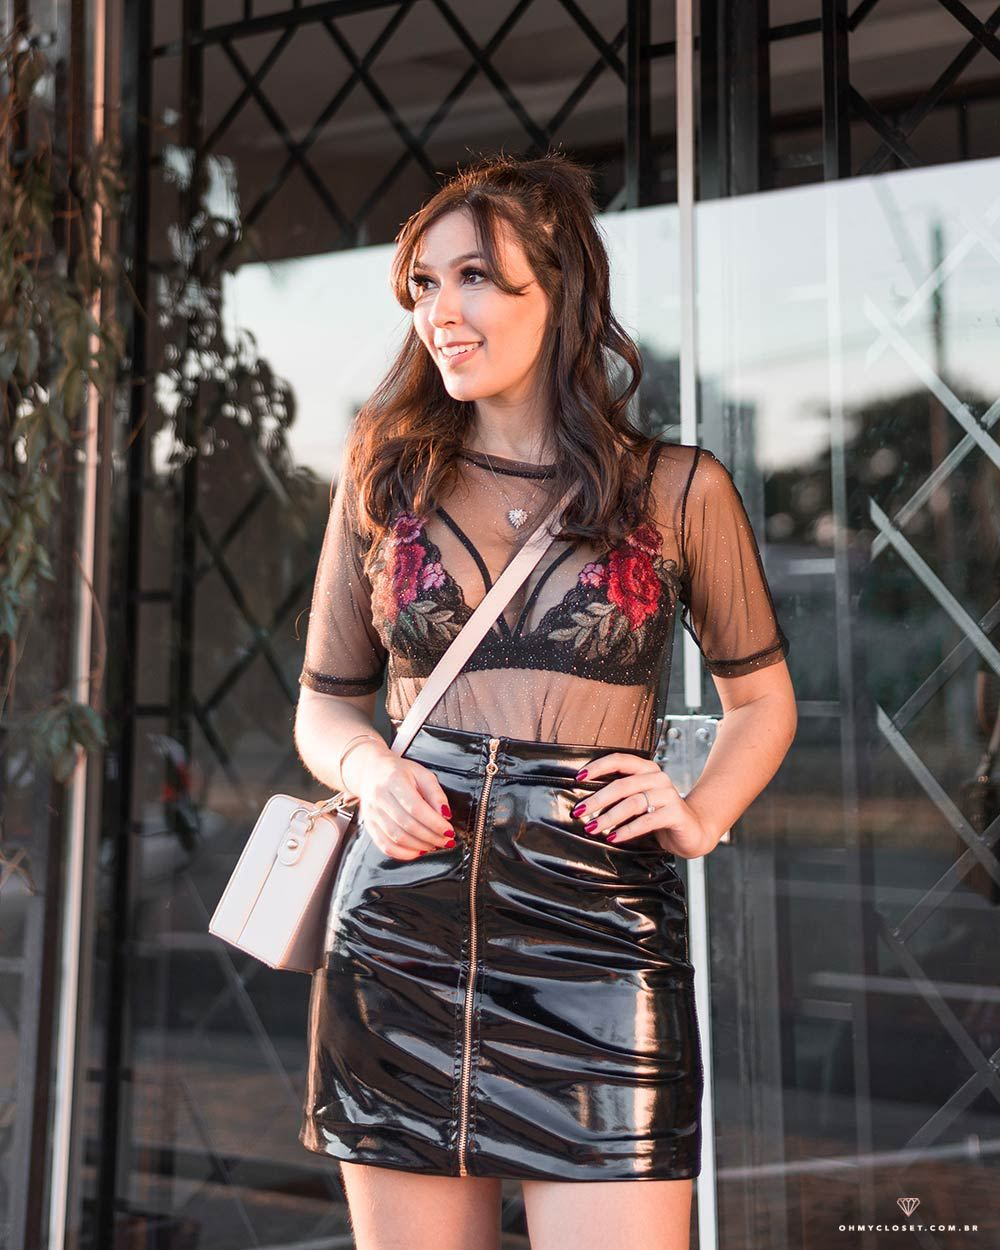 8d72a5691c Saia de vinil e blusa de tule no look da blogueira Mônica Araújo ...